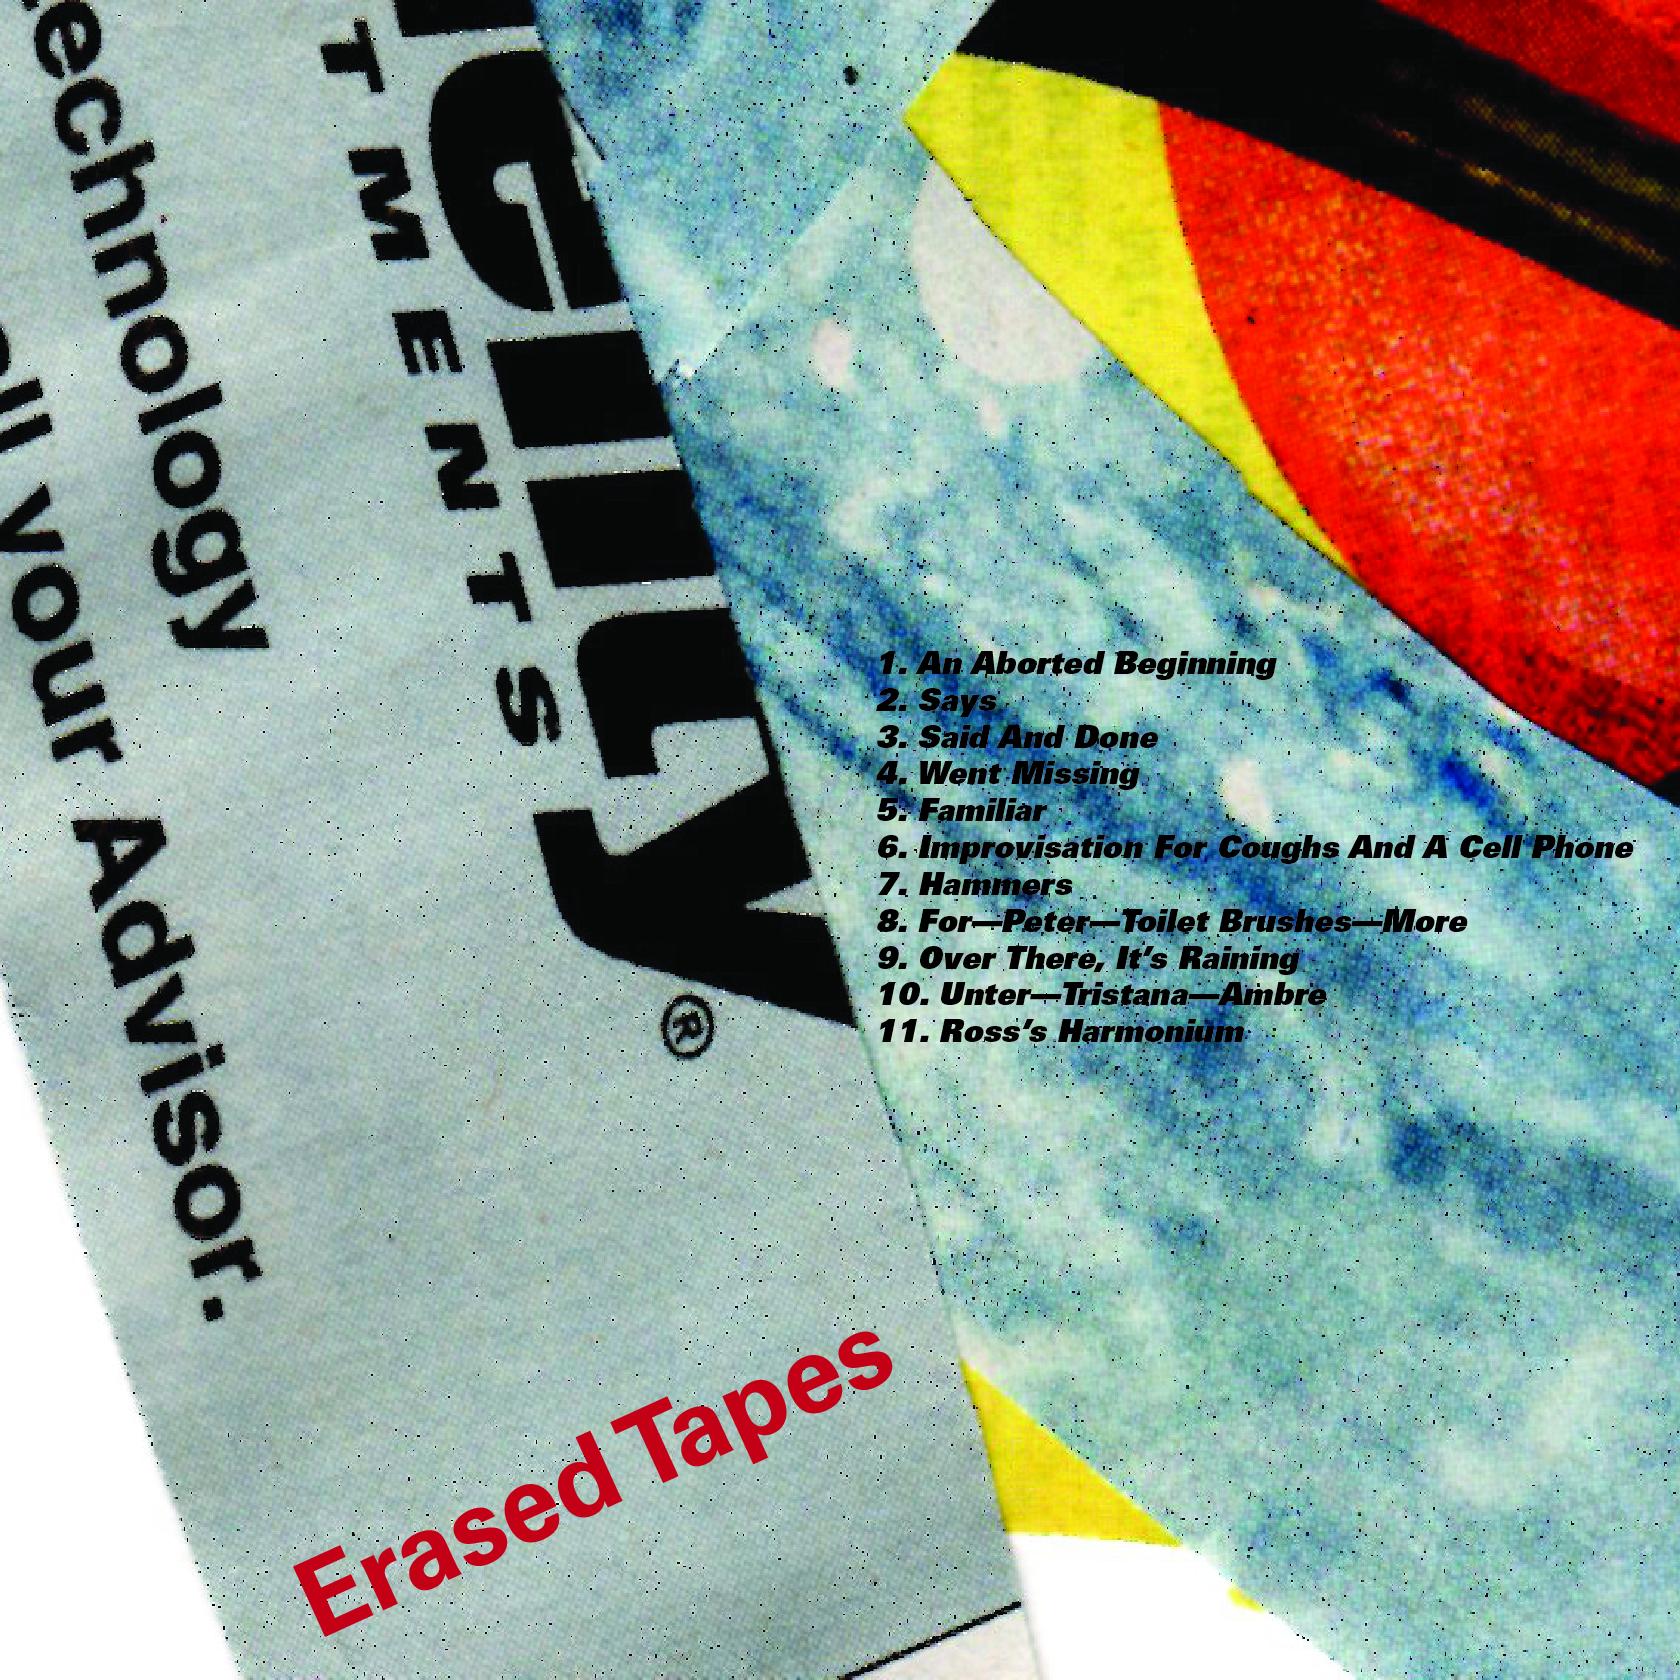 ALBUM COVERS Ahmed Refaat-04.jpg